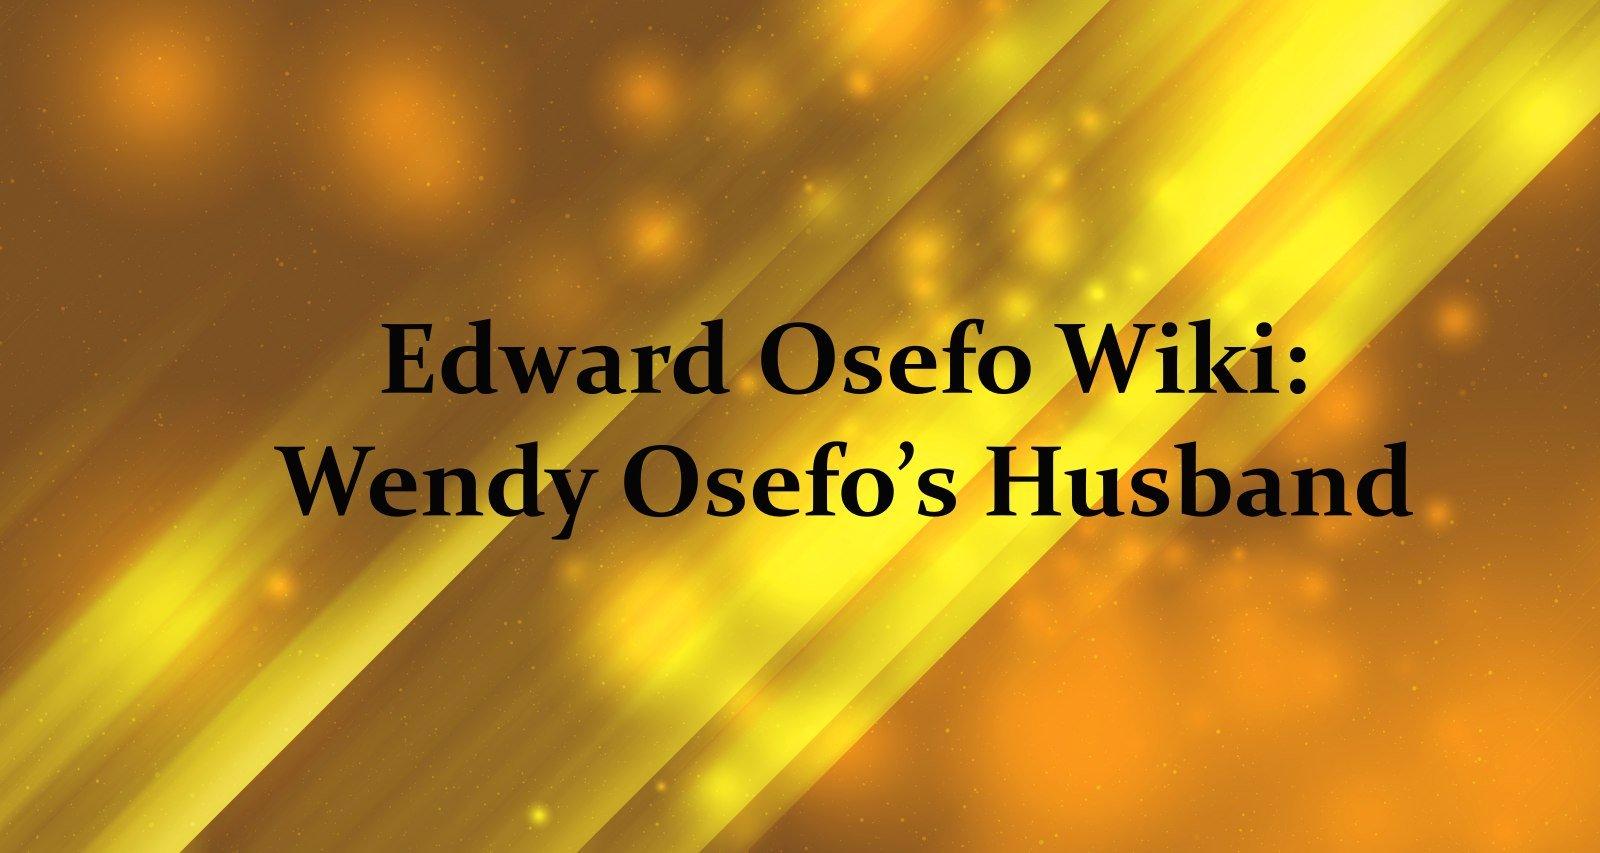 Wendy Osefo Husband Edward Osefo